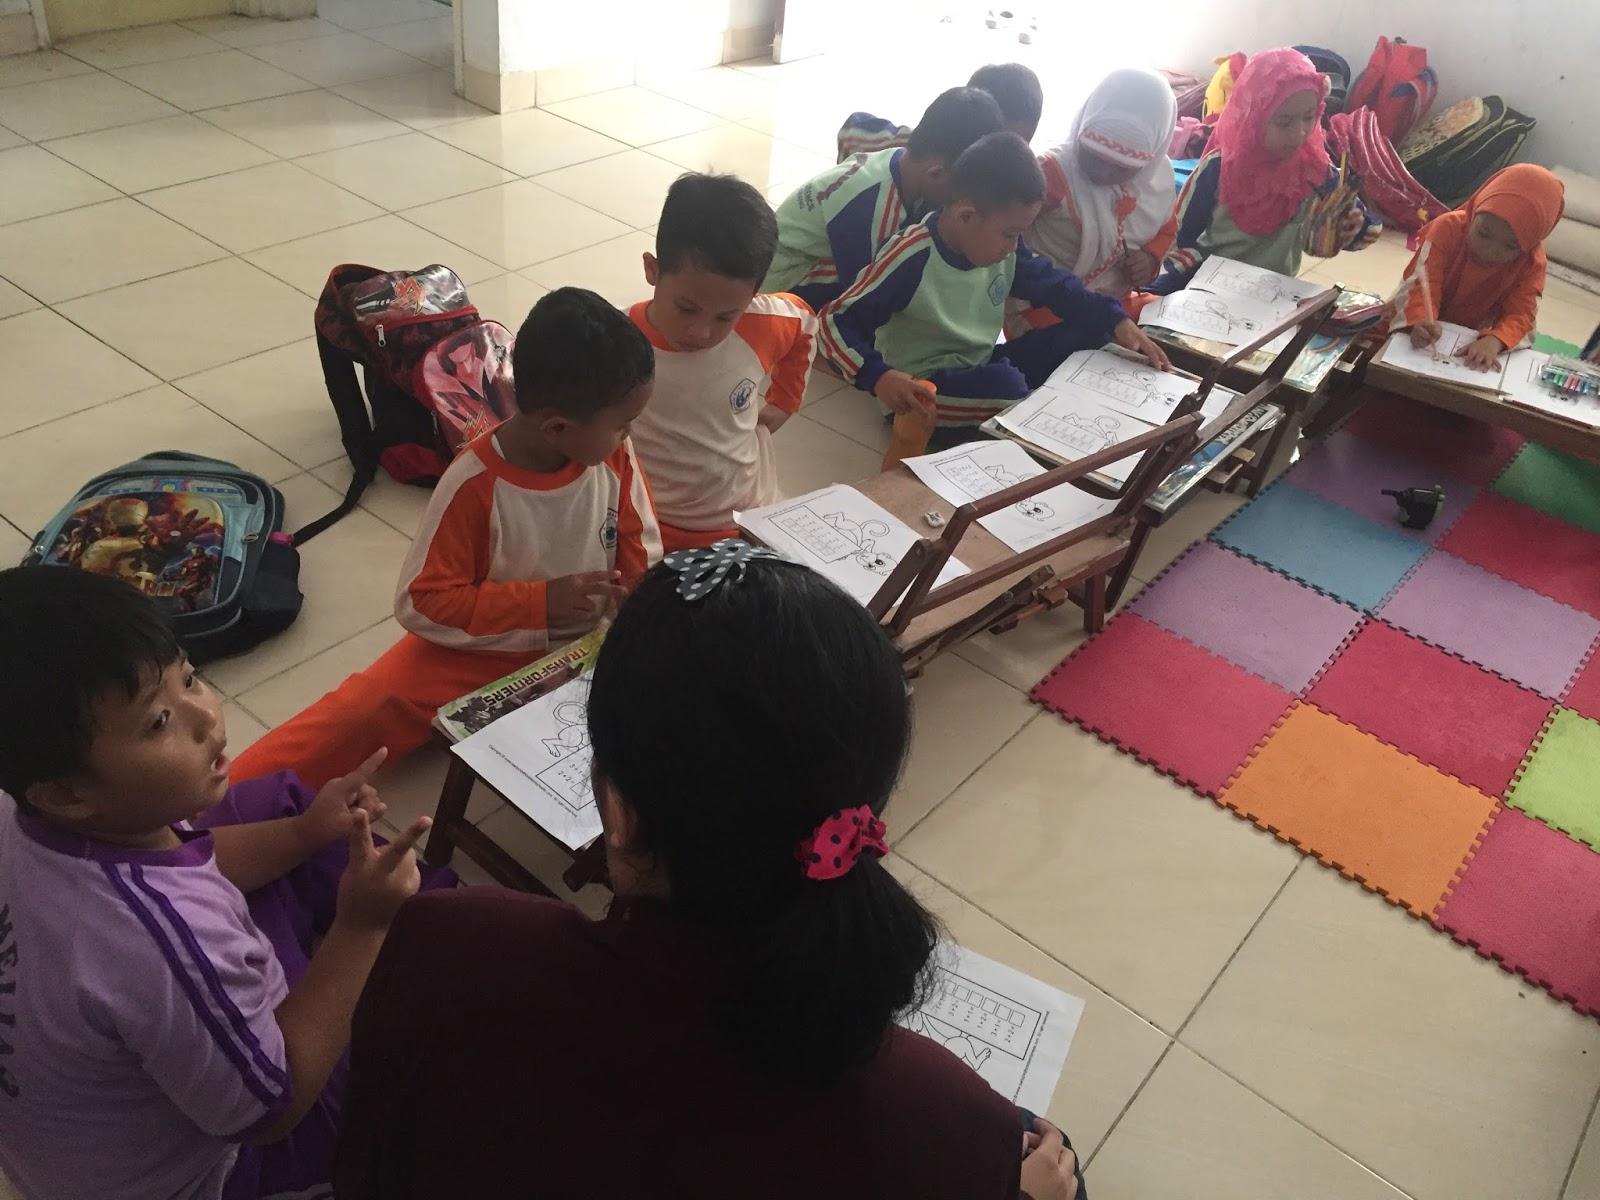 fiorentina dan felicia sedang mengajarkan anak anak TK B berhitung